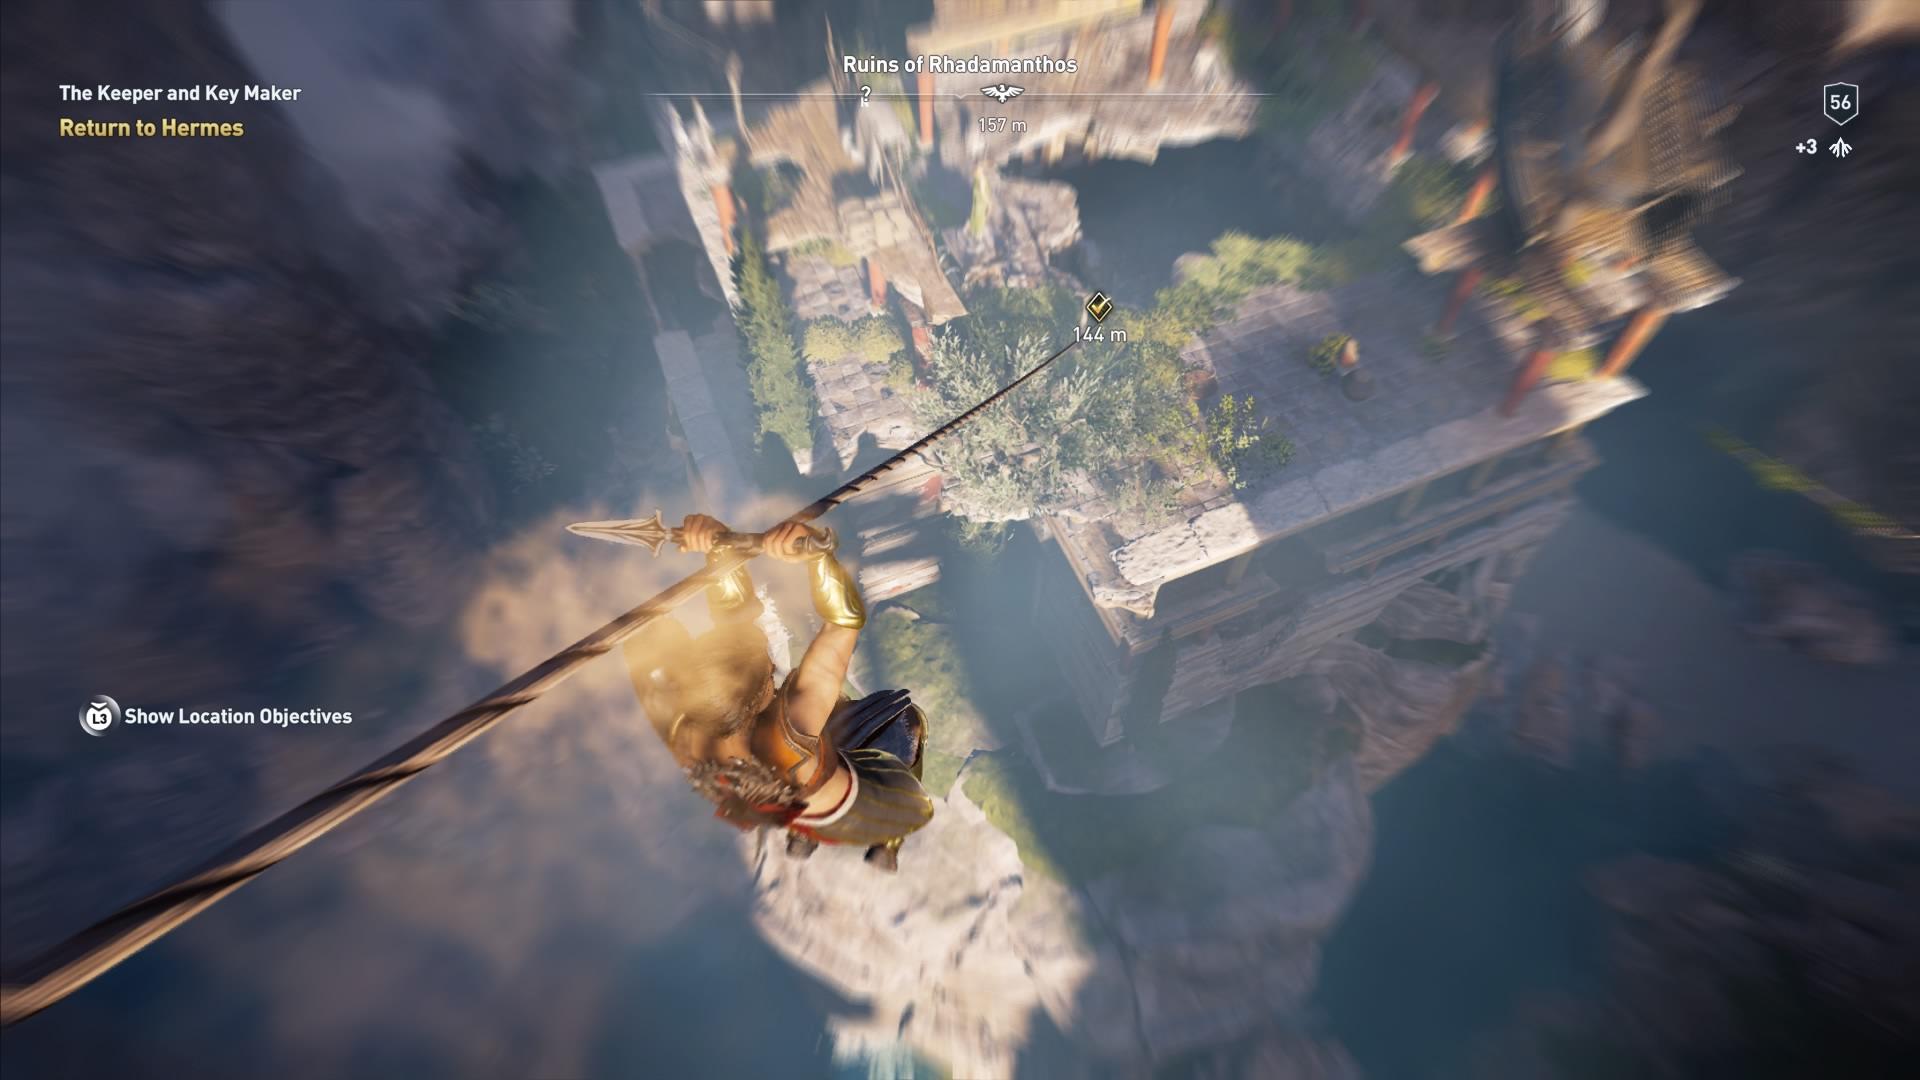 Assassins Creed Odyssey: guía de información del guardián: dónde encontrar todas las percepciones de Hermes 37